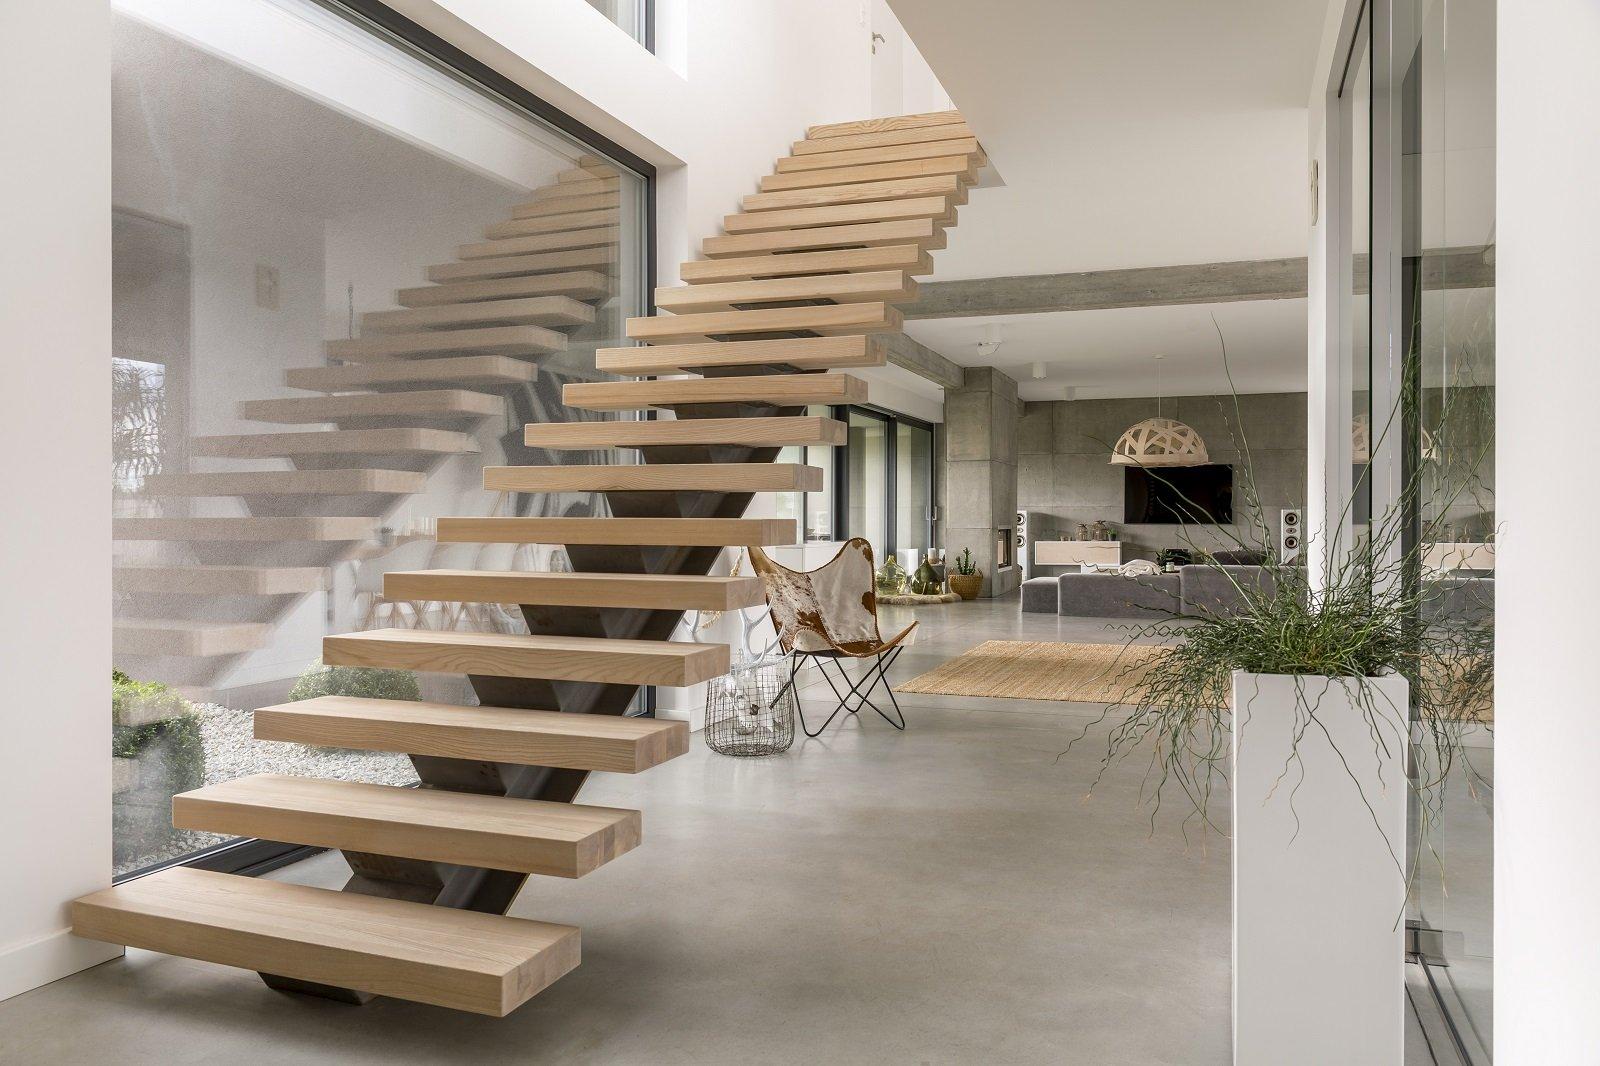 delle scale da interno in legno